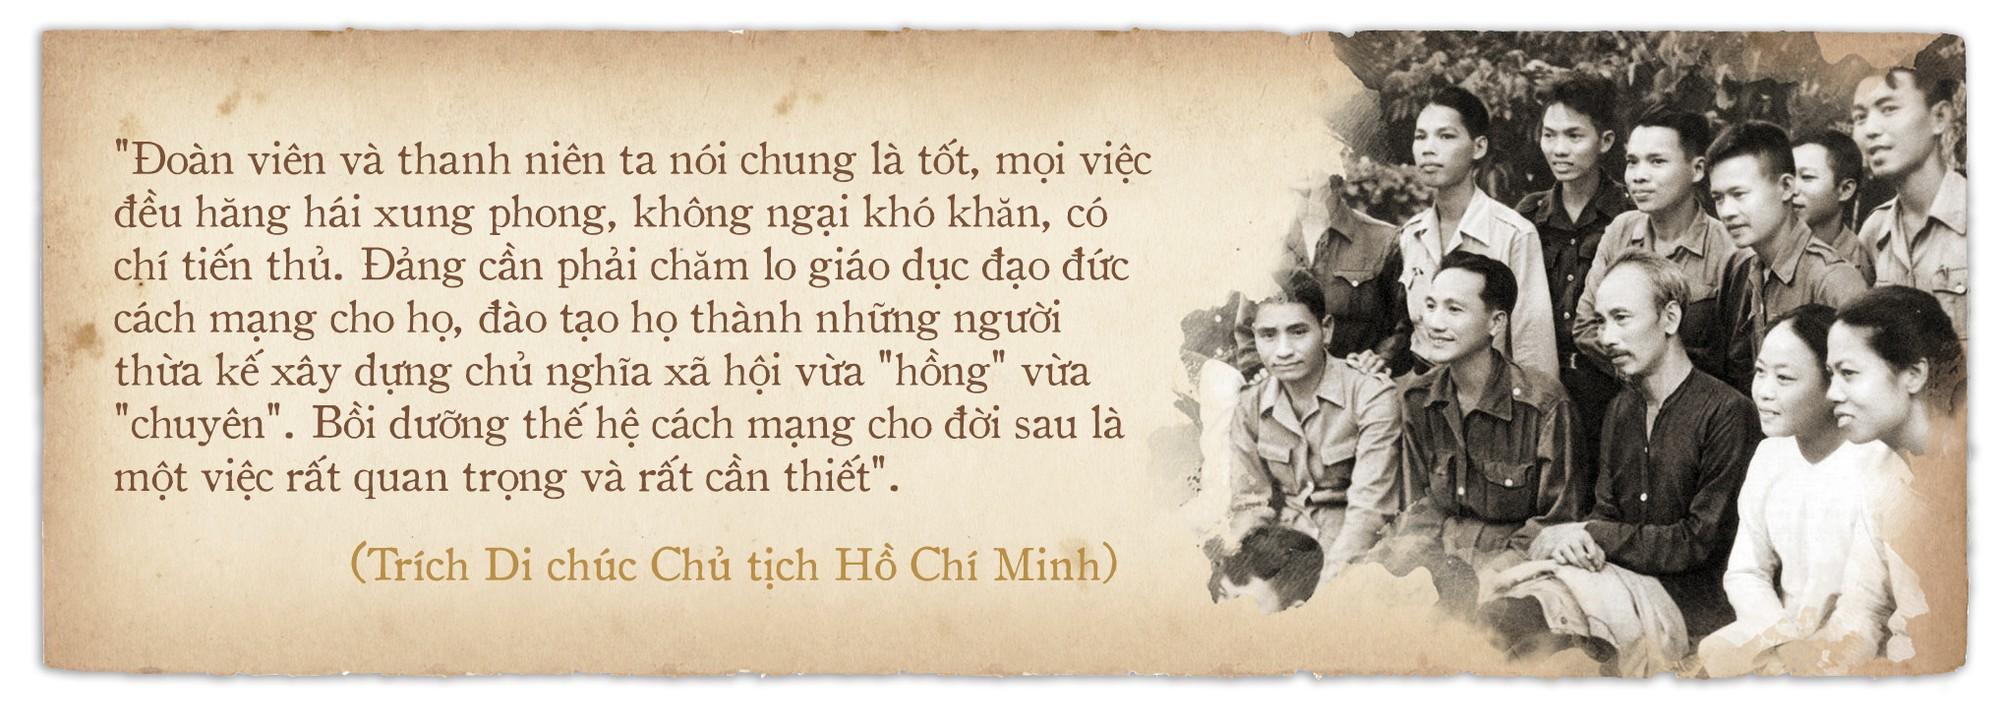 Di chúc của Chủ tịch Hồ Chí Minh: Như ngọn đuốc soi đường cho dân tộc - Ảnh 9.